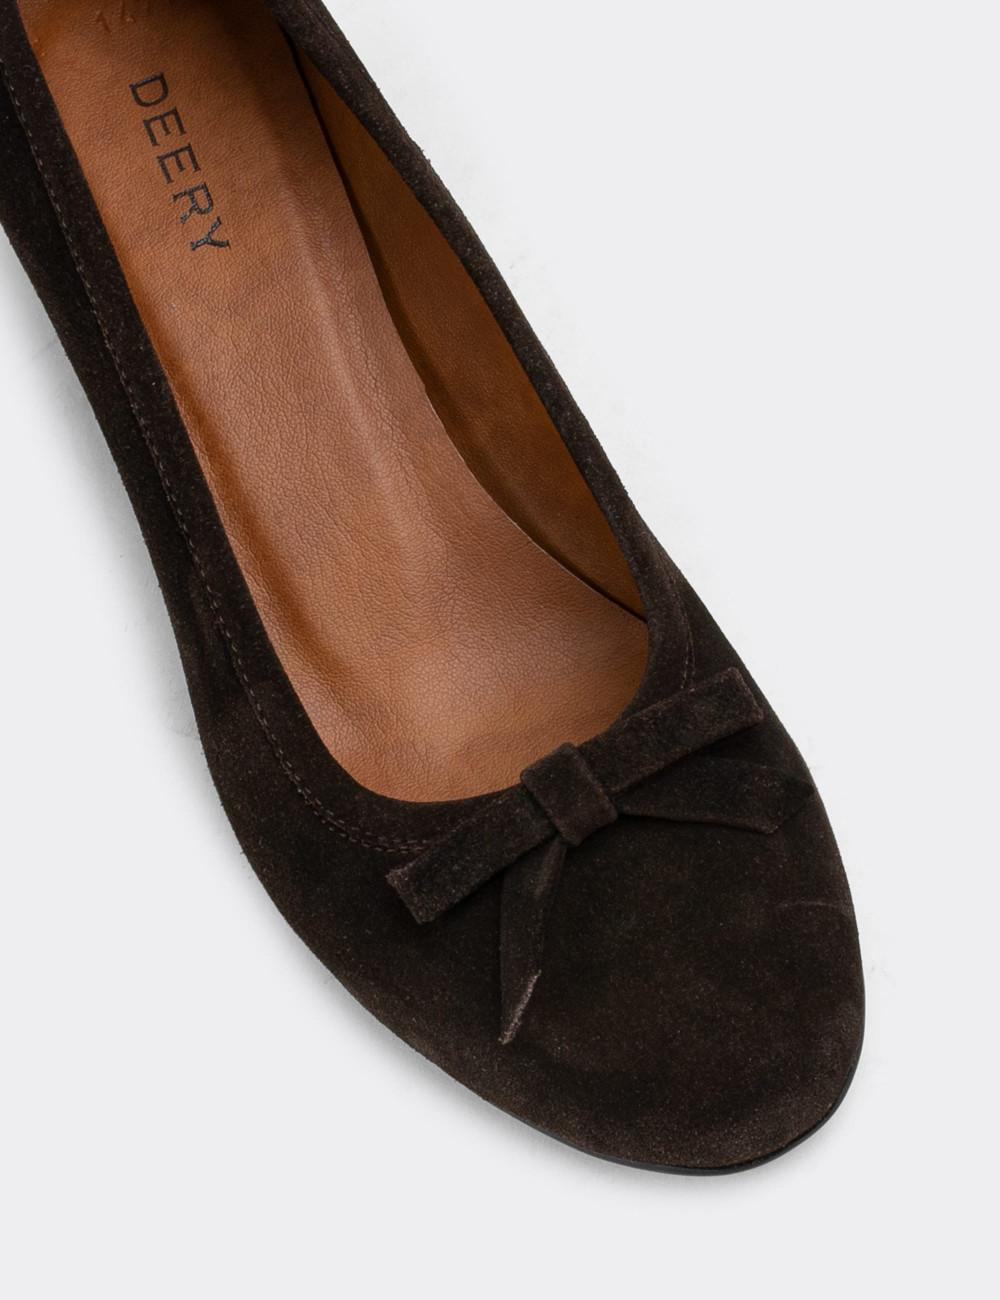 Hakiki Süet Kahverengi Günlük Kadın Ayakkabı - E1471ZKHVC01